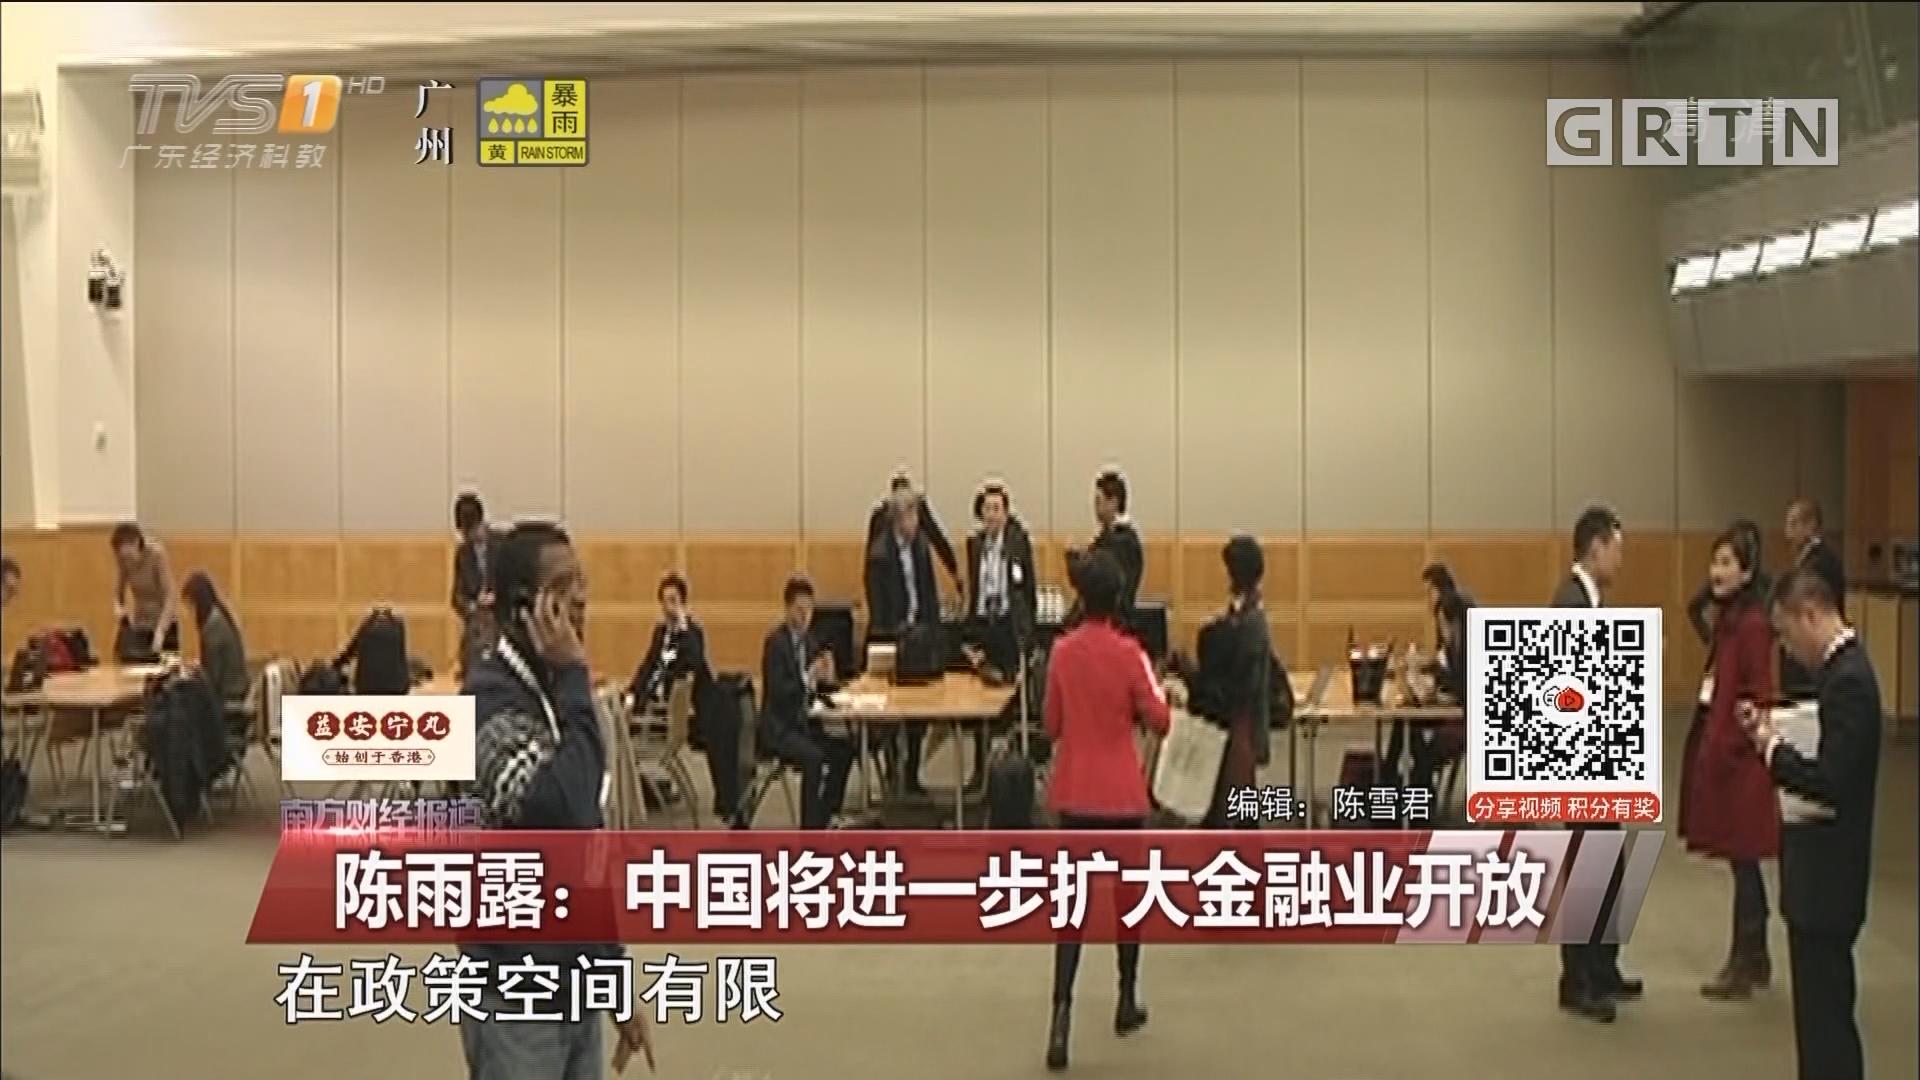 陈雨露:中国将进一步扩大金融业开放